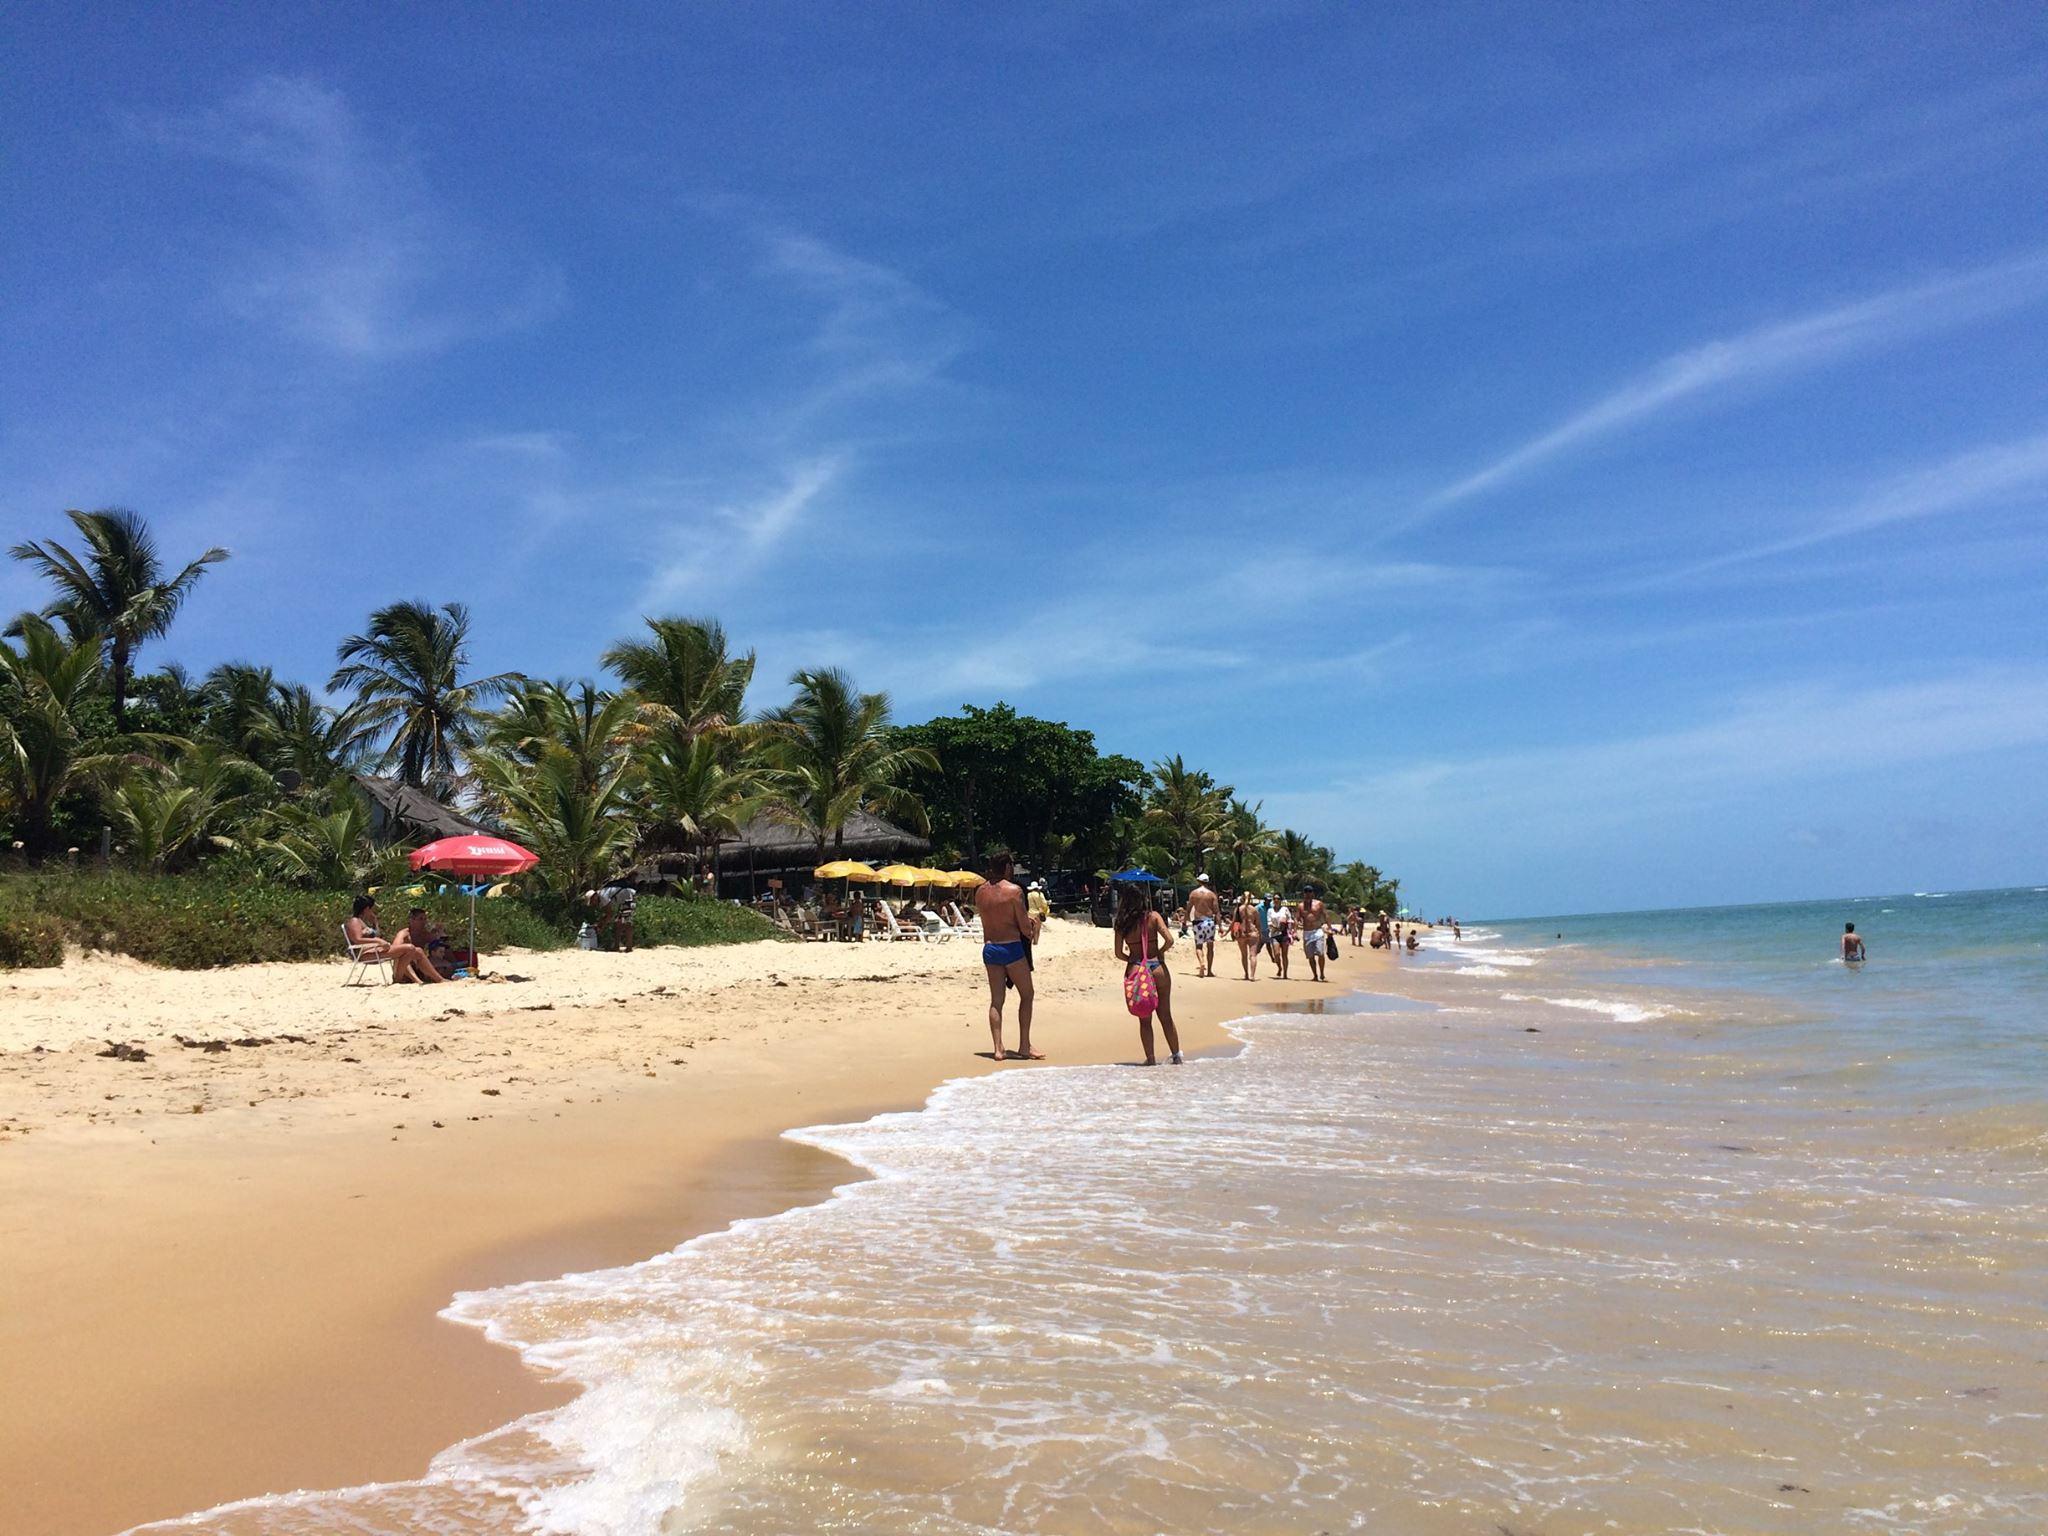 Banhistas curtindo a praia de Araçaipe.